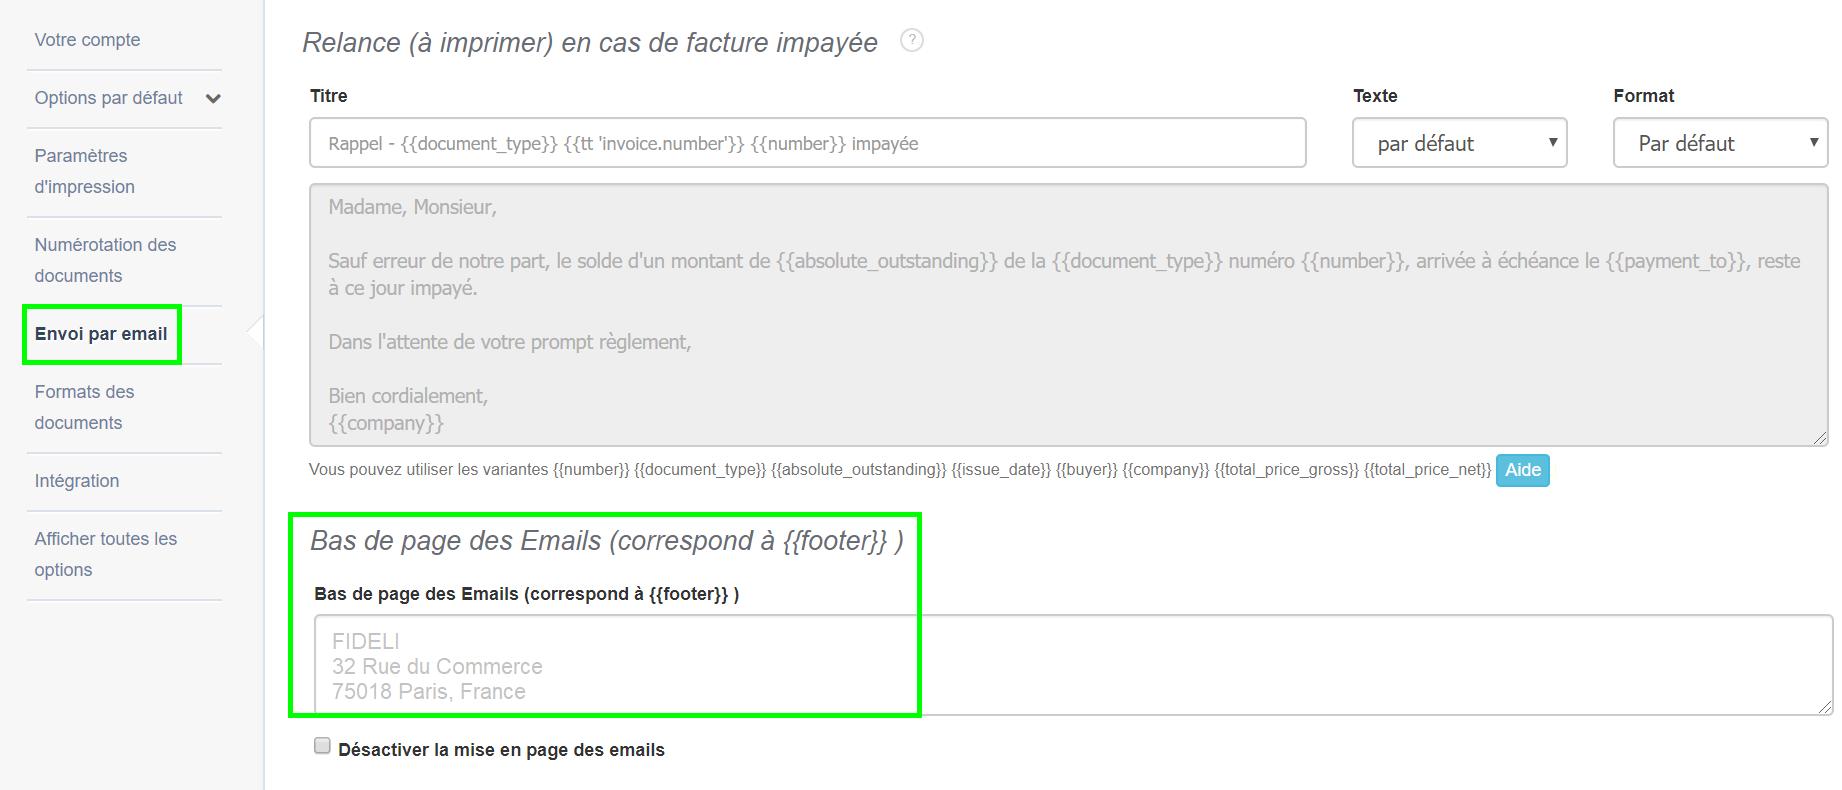 Envoi en ligne des Documents de Facturation Signature html des Emails